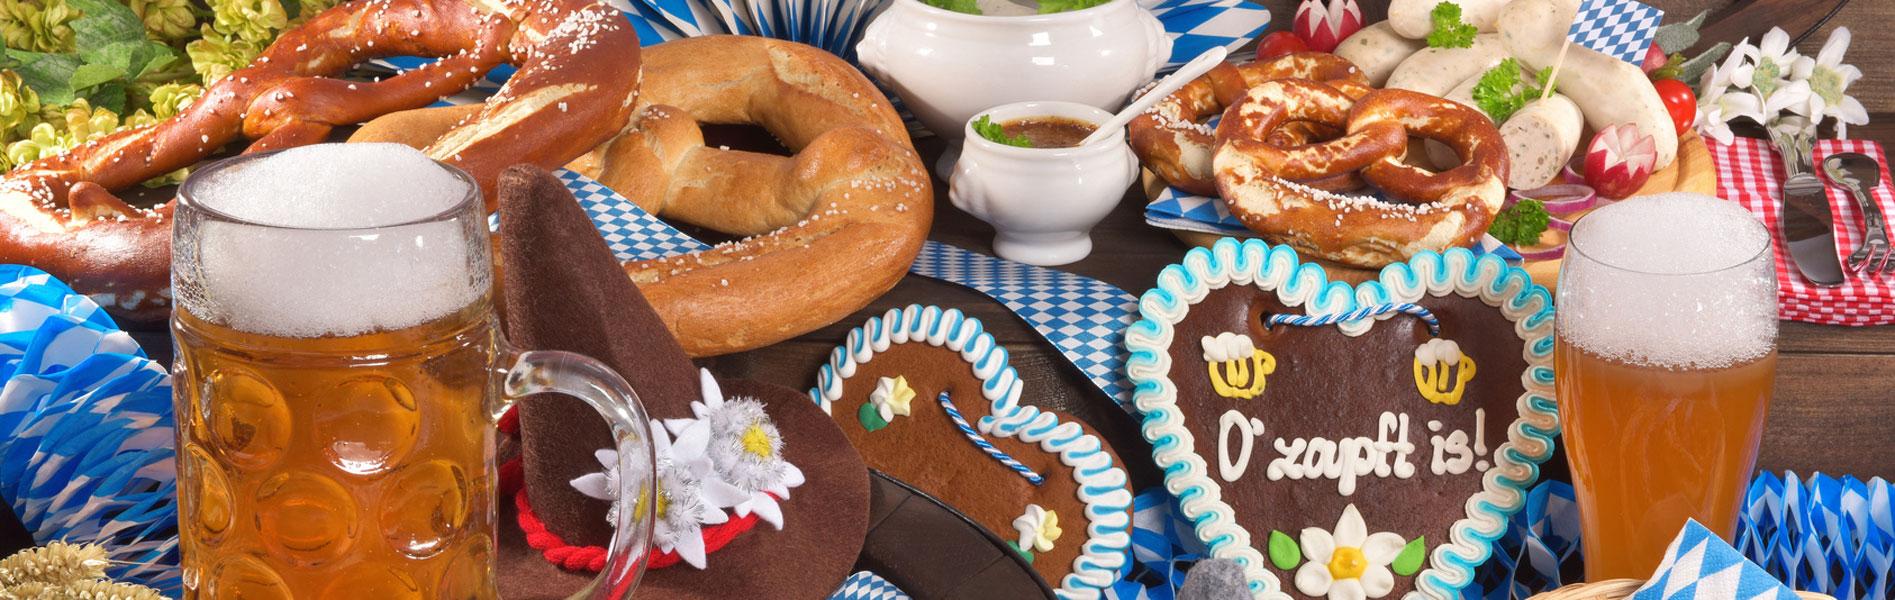 Wiesn Catering & Oktoberfest München